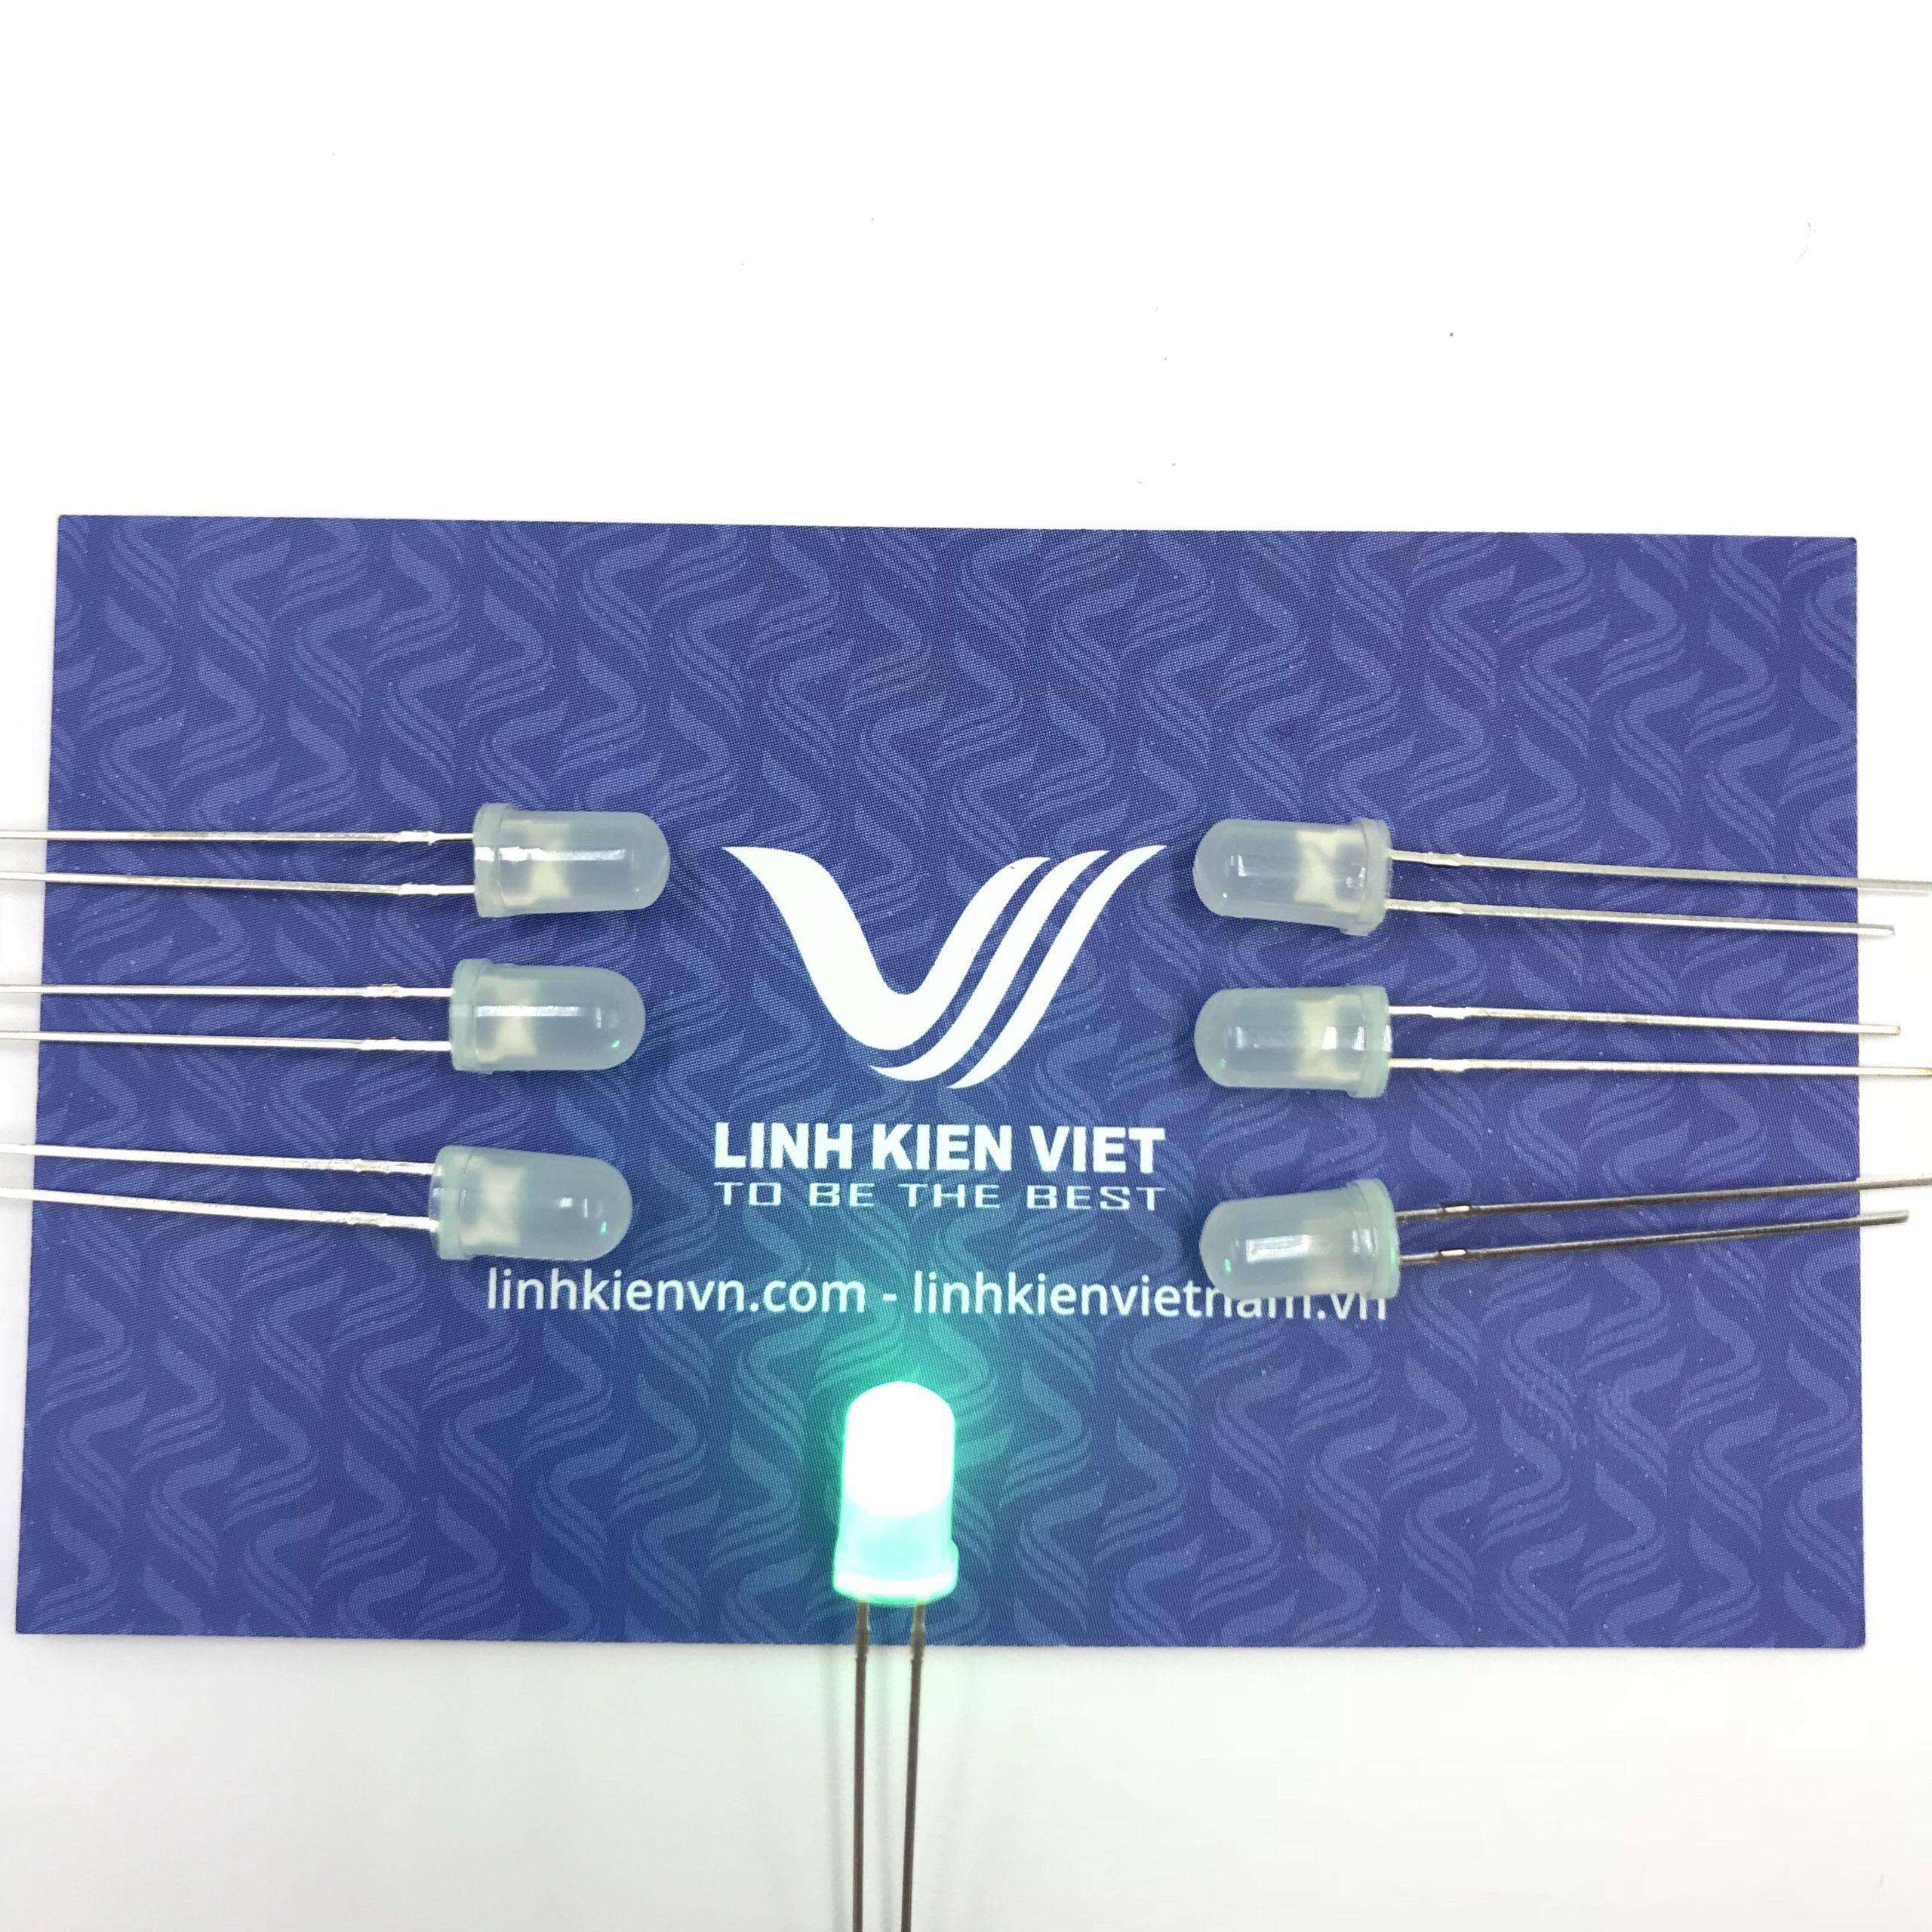 Led siêu sáng đục 5mm mầu xanh lá (10 chiếc) - A5H19 (KA2H1)